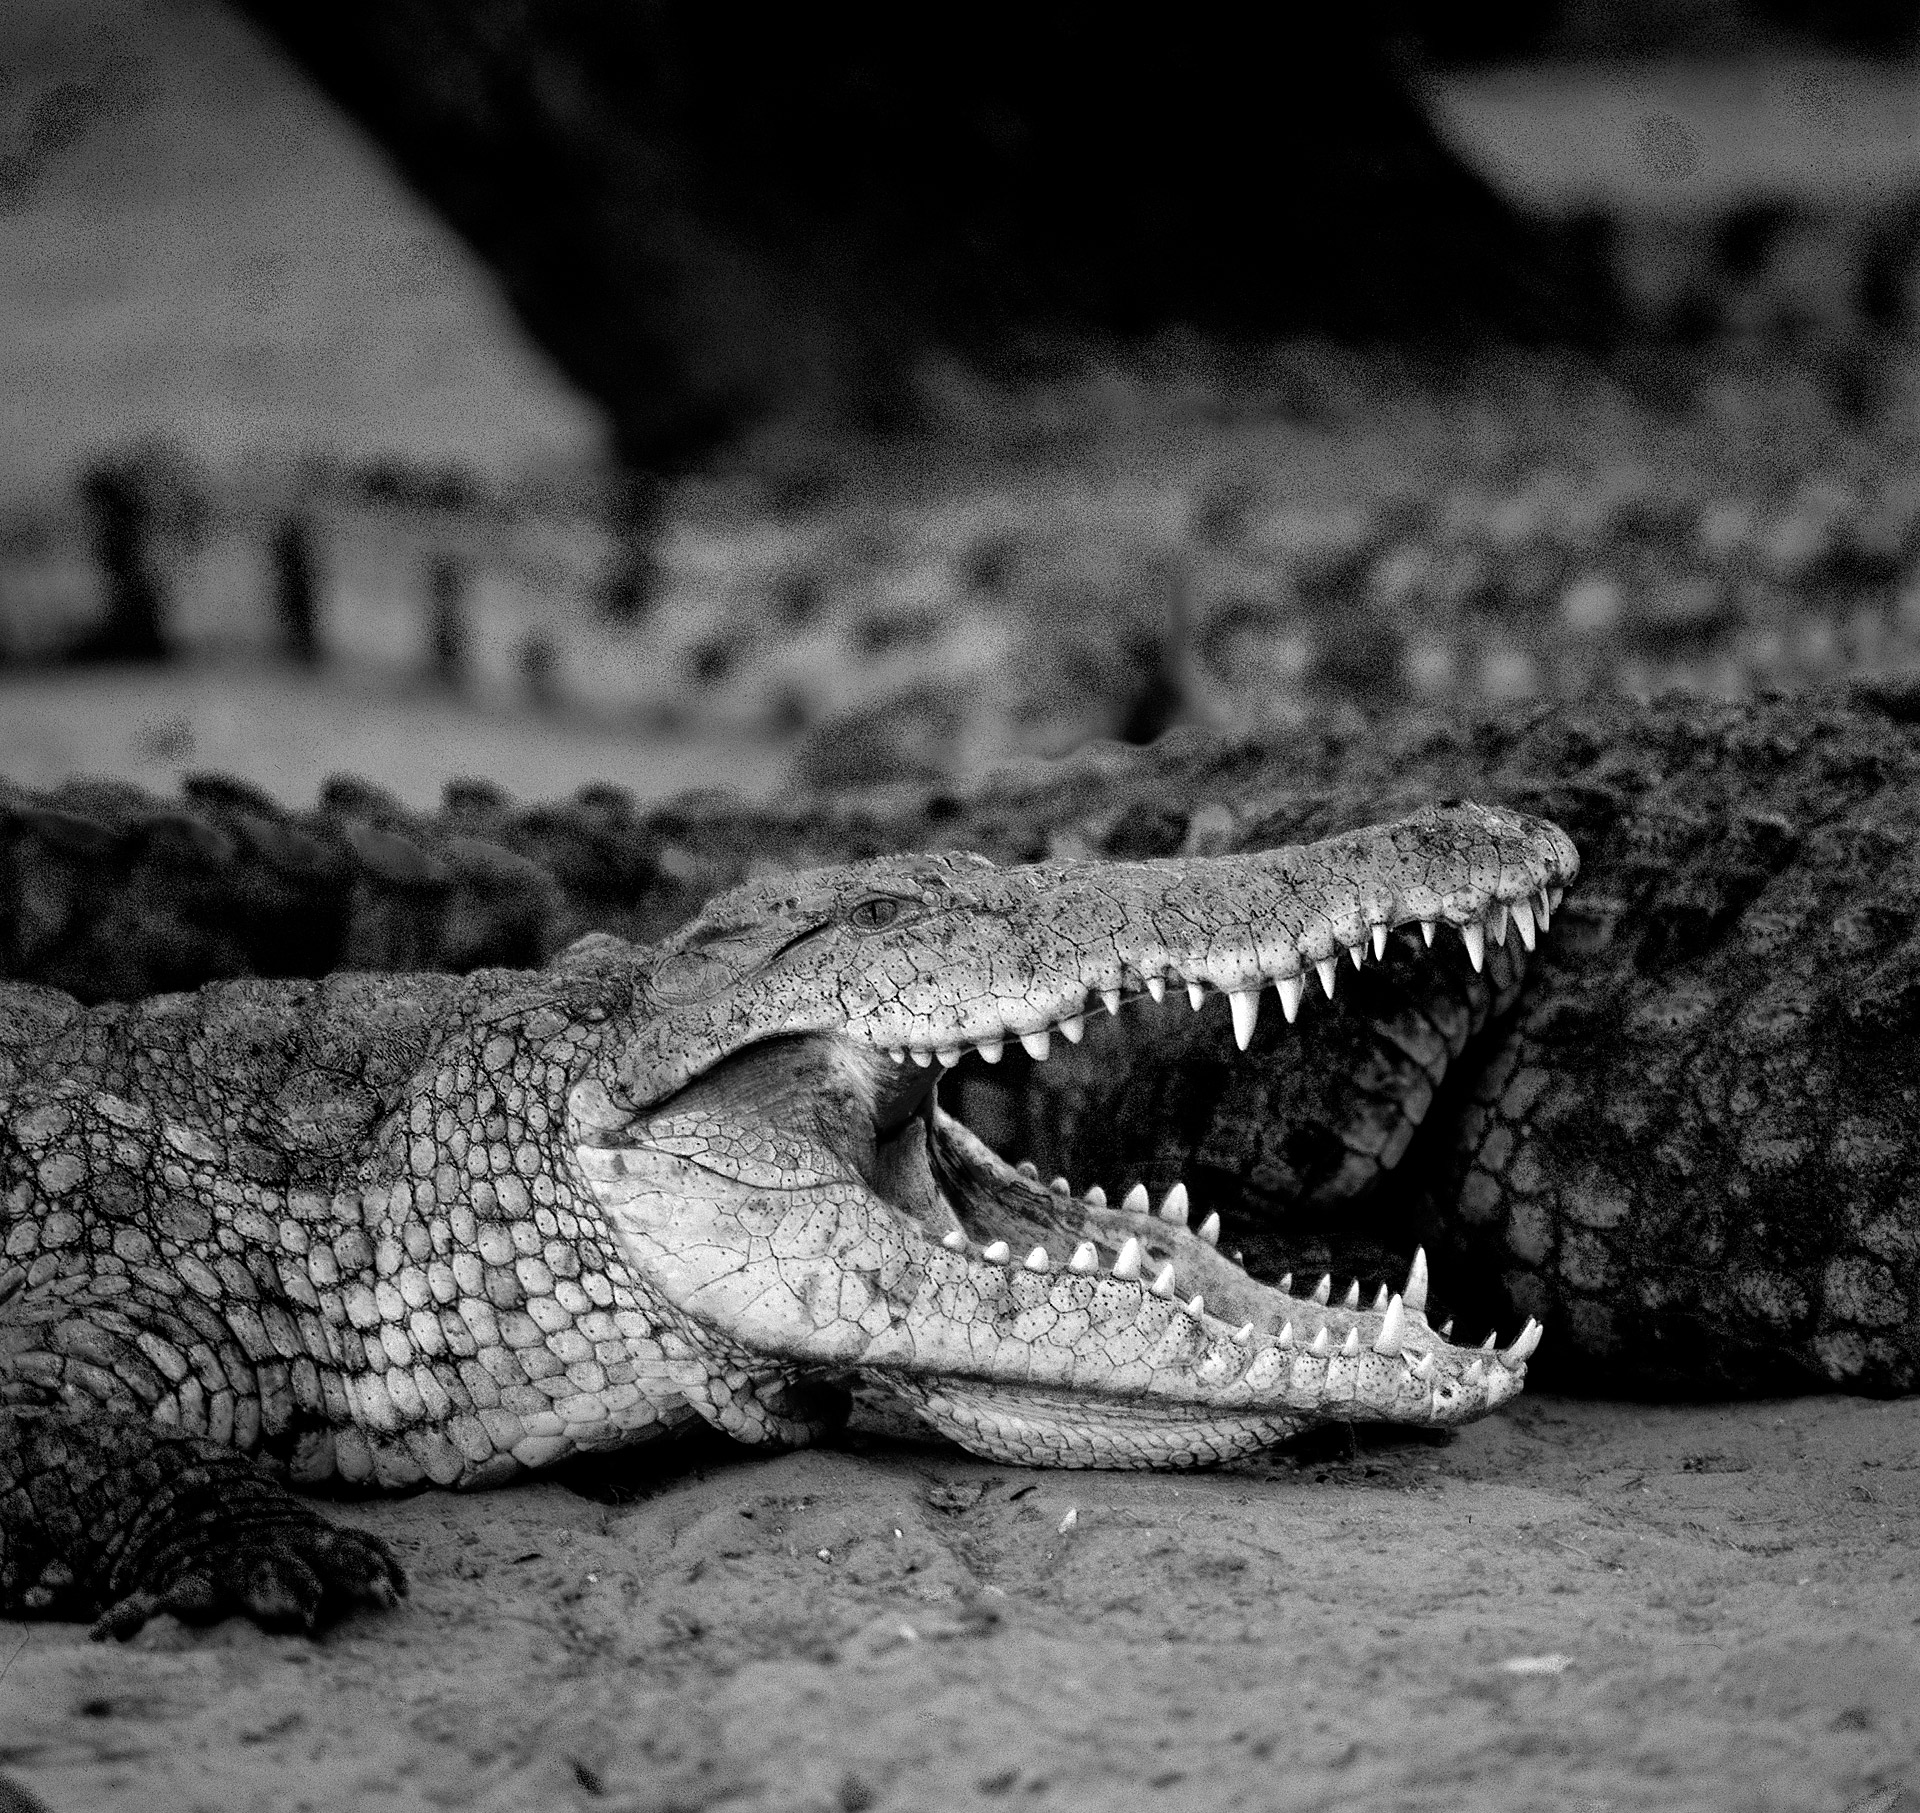 Nile crocodile in Samburu National Reserve in Northern Kenya